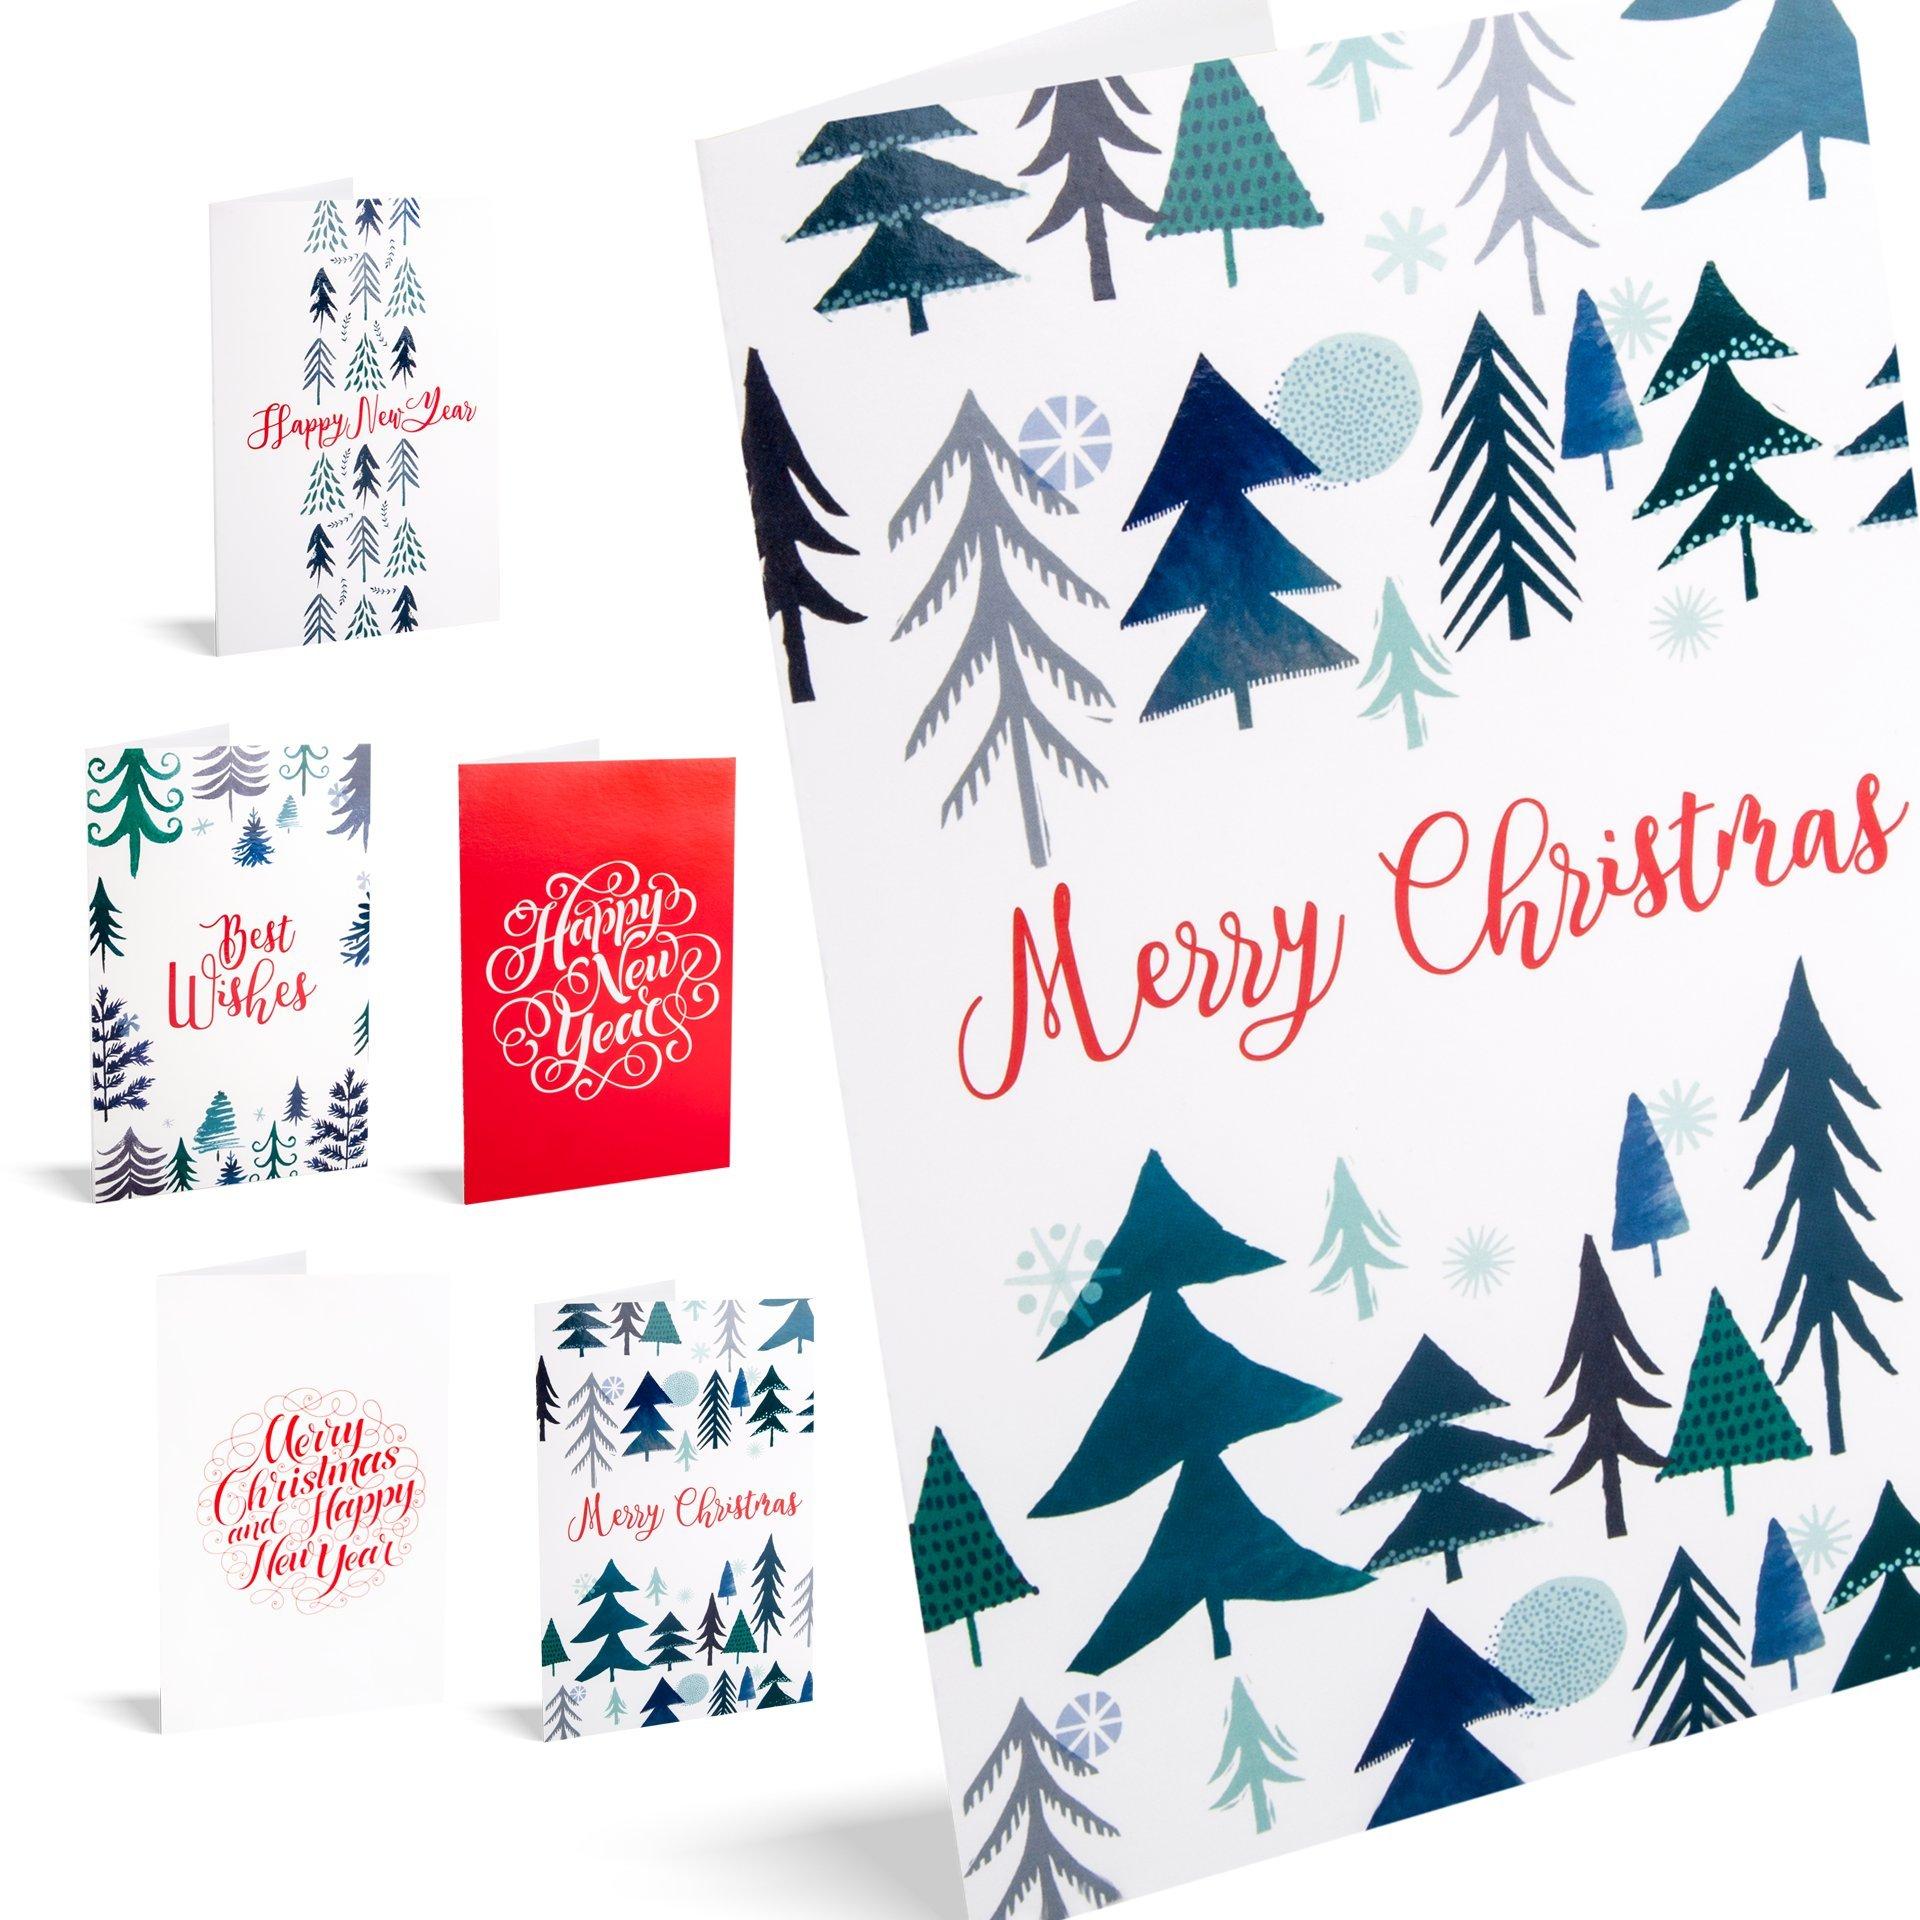 Felicitaciones de navidad trees. Pack De 10 Tarjetas.: Amazon.es: Oficina y papelería